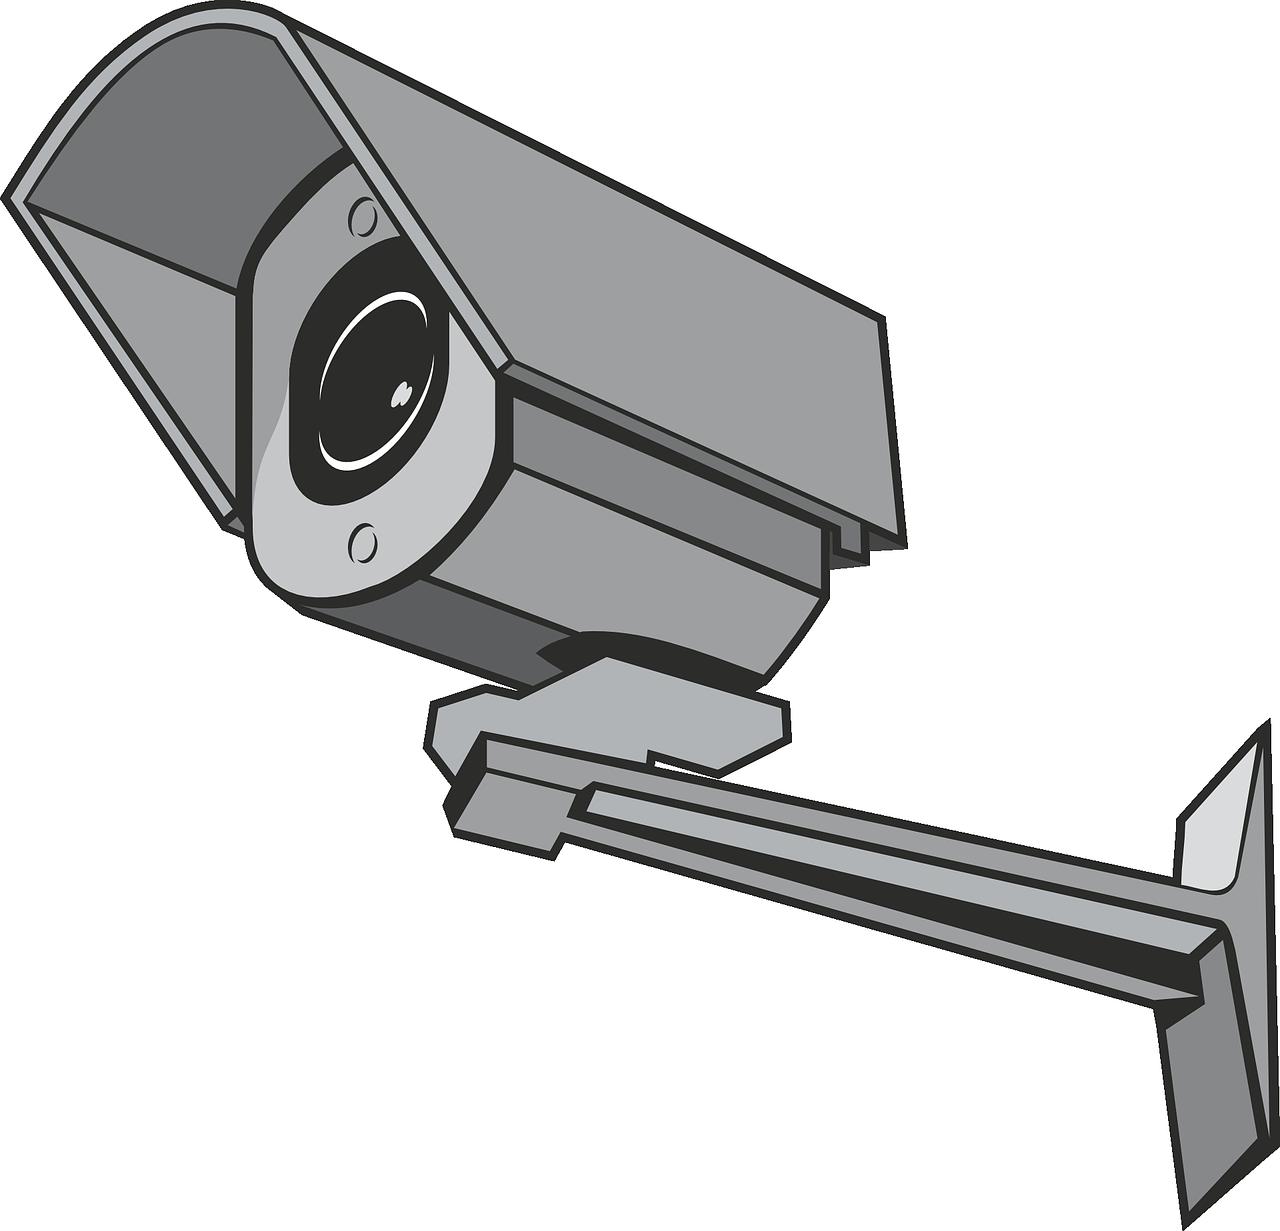 security-cameras-toledo-ohio